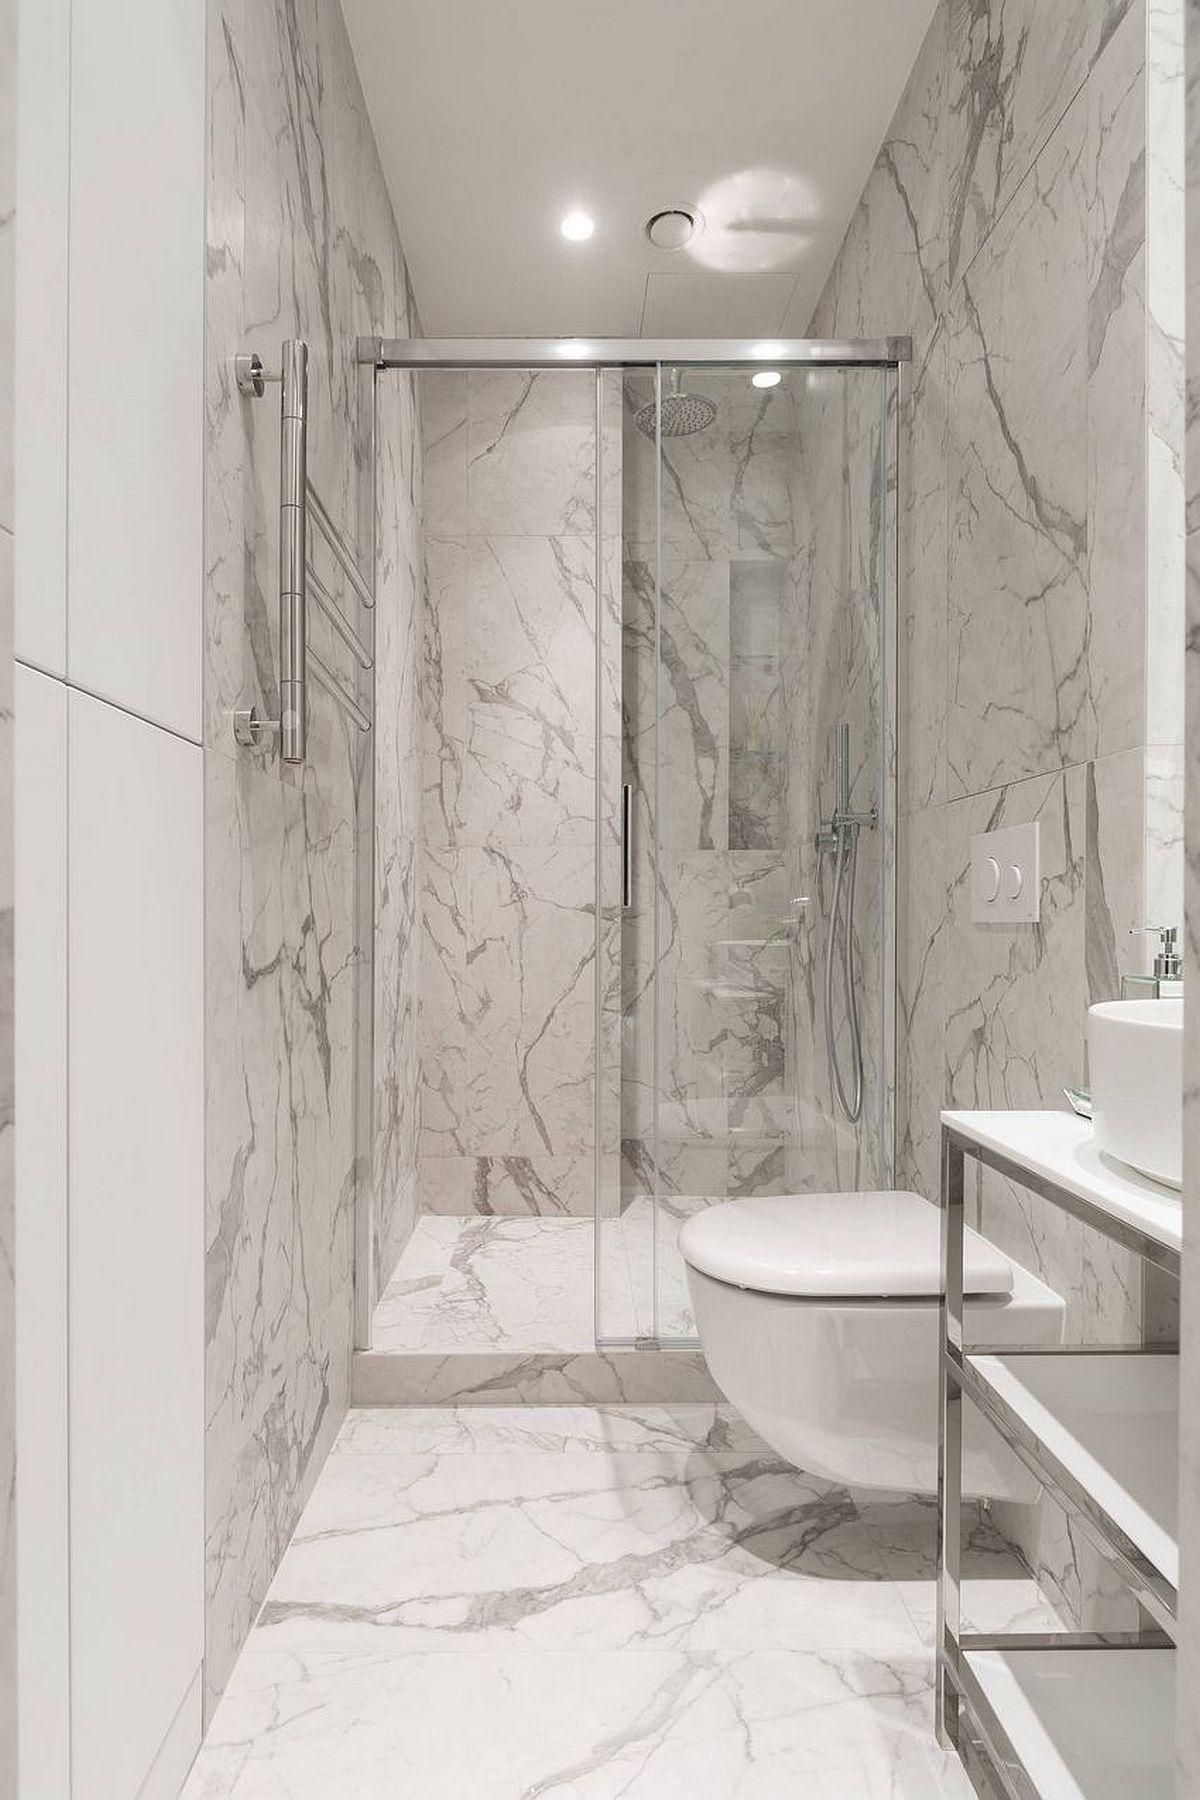 Camera de baie a fost îngustată, dar toate dotările sunt confotabil poziționate. Cabina de duș este una construită, respectiv pardoseala a fost înălțată pentru a putea fi înglobată în ea rigola îngropată, iar separarea se pare cu panouri din sticlă. Peste tot au fost montate aceleași plăci ceramice cu muchii rectificate și cu aspect de marmură, care dau impresia de spațiu omogen și păcălesc vizual ochiul asupra dimensiunilor.